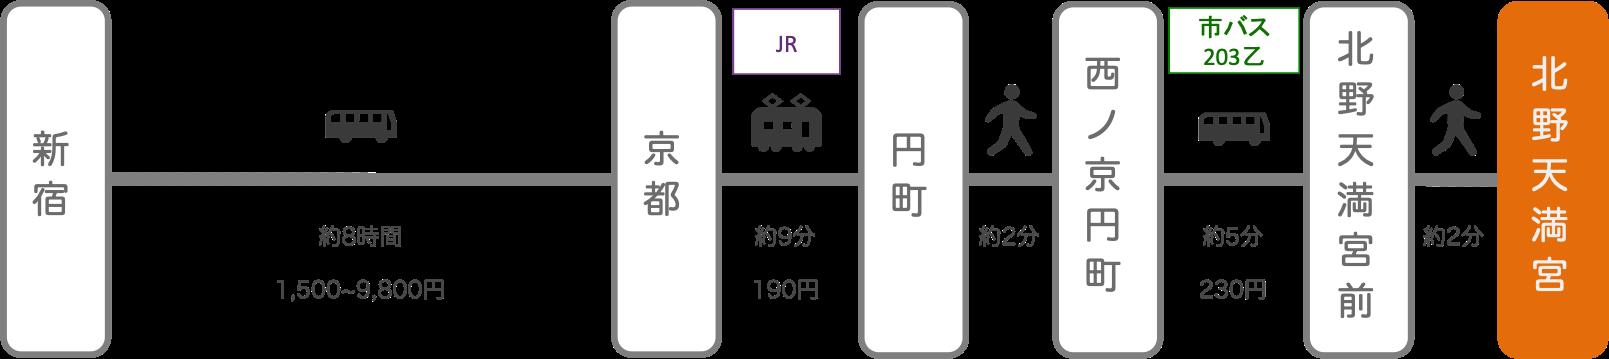 北野天満宮_新宿(東京)_高速バス